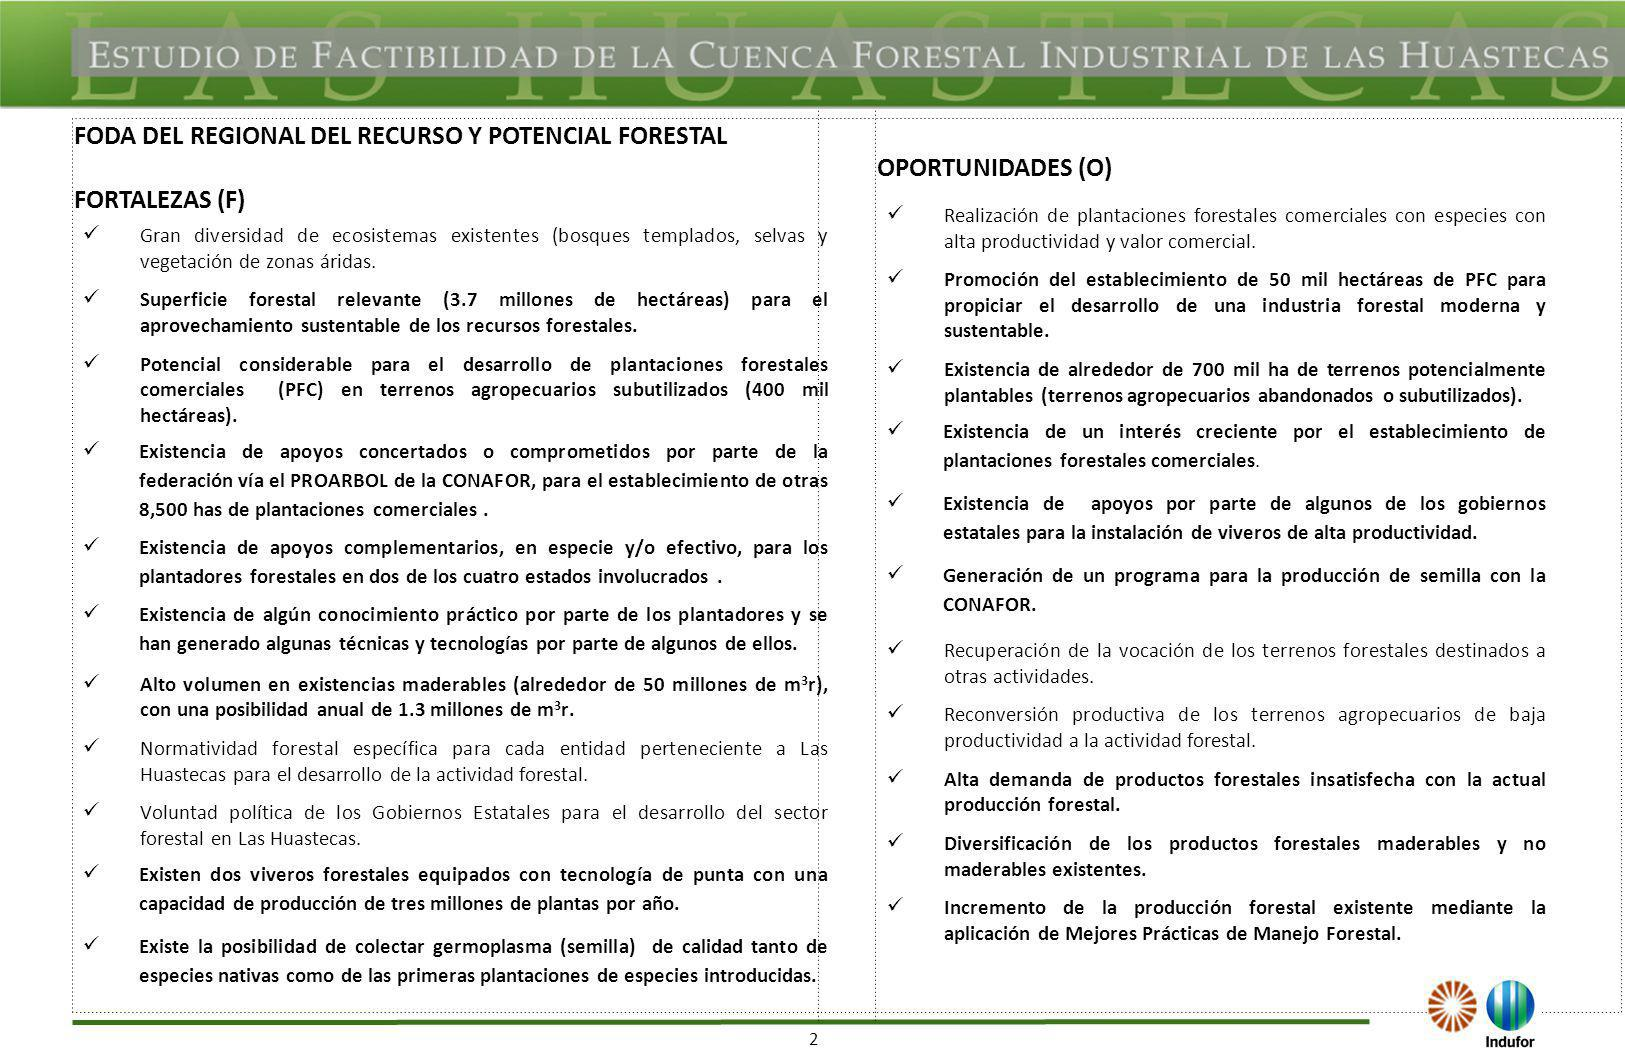 43 Análisis FODA de la Industria Forestal (cap. V y XI)